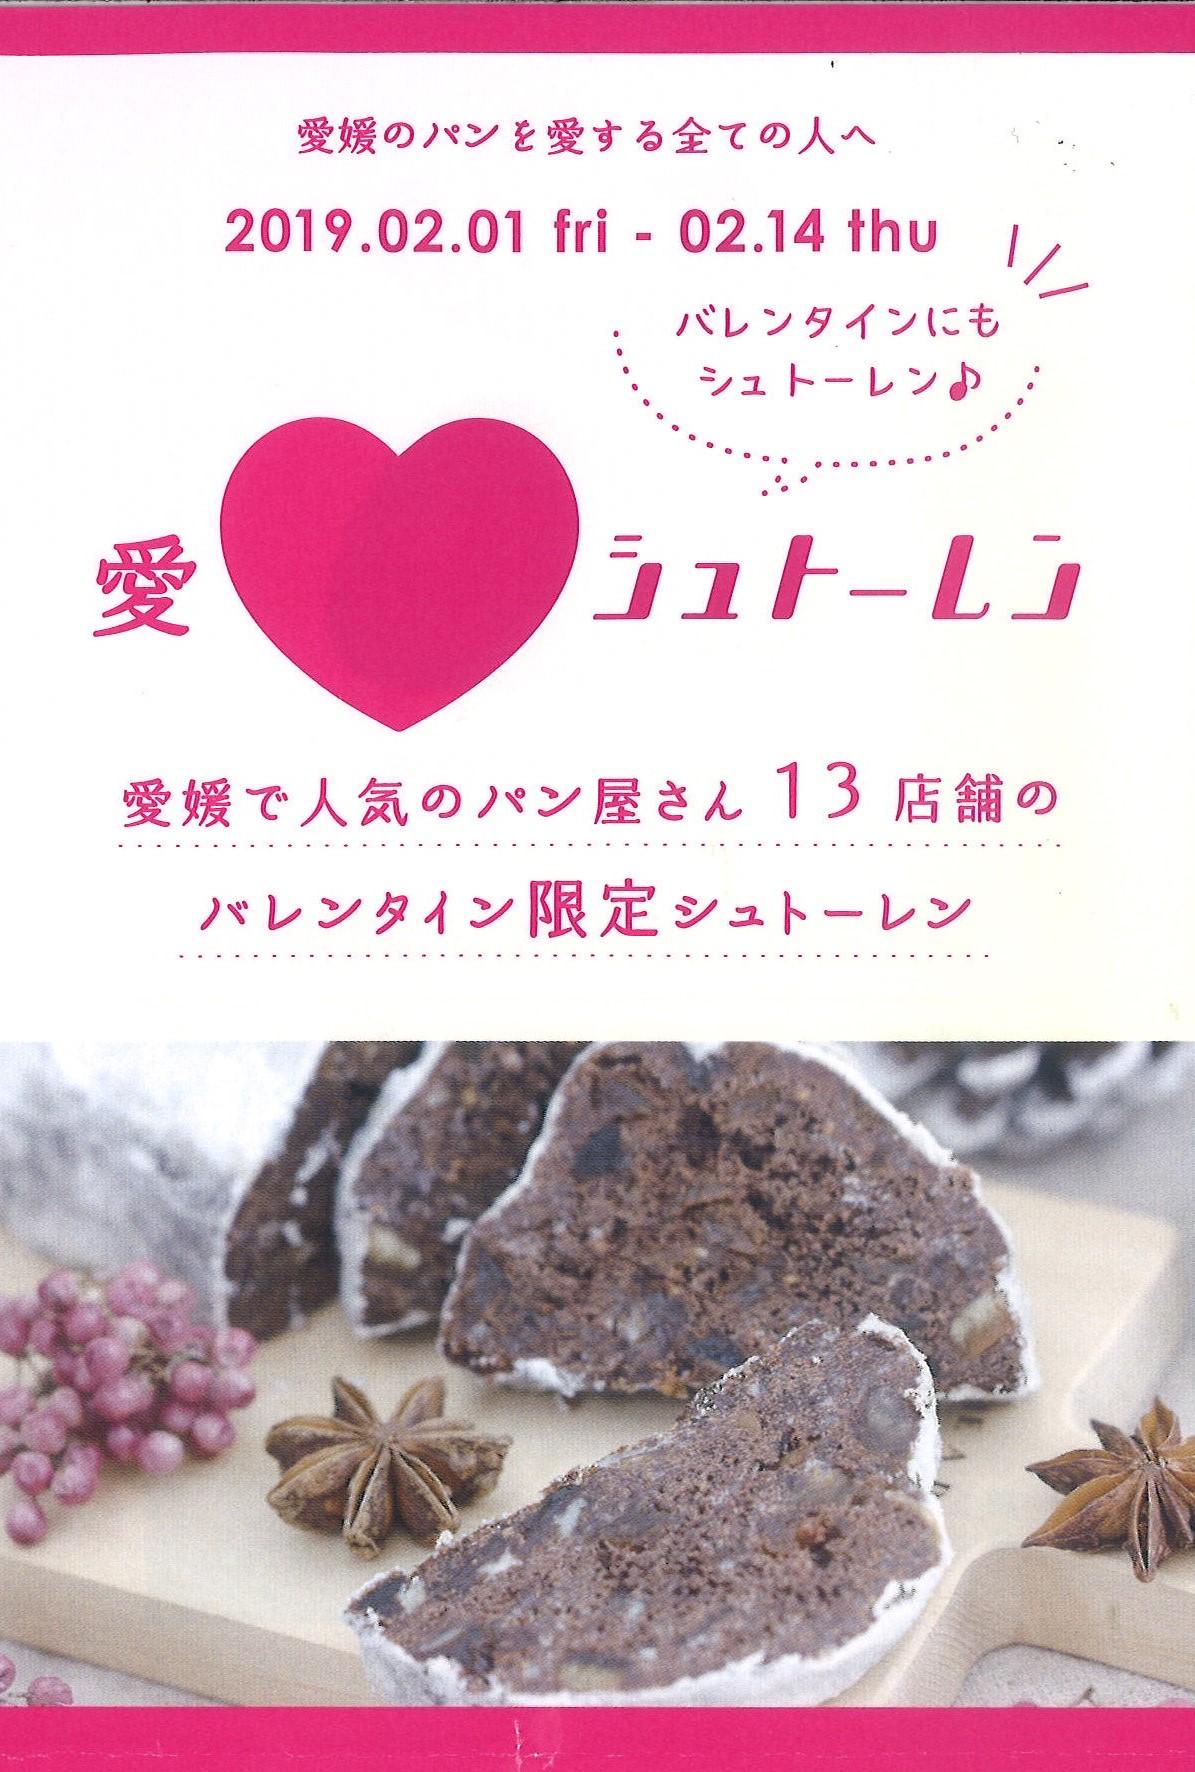 【2/1~2/14限定】「バレンタインシュトーレン」が登場!